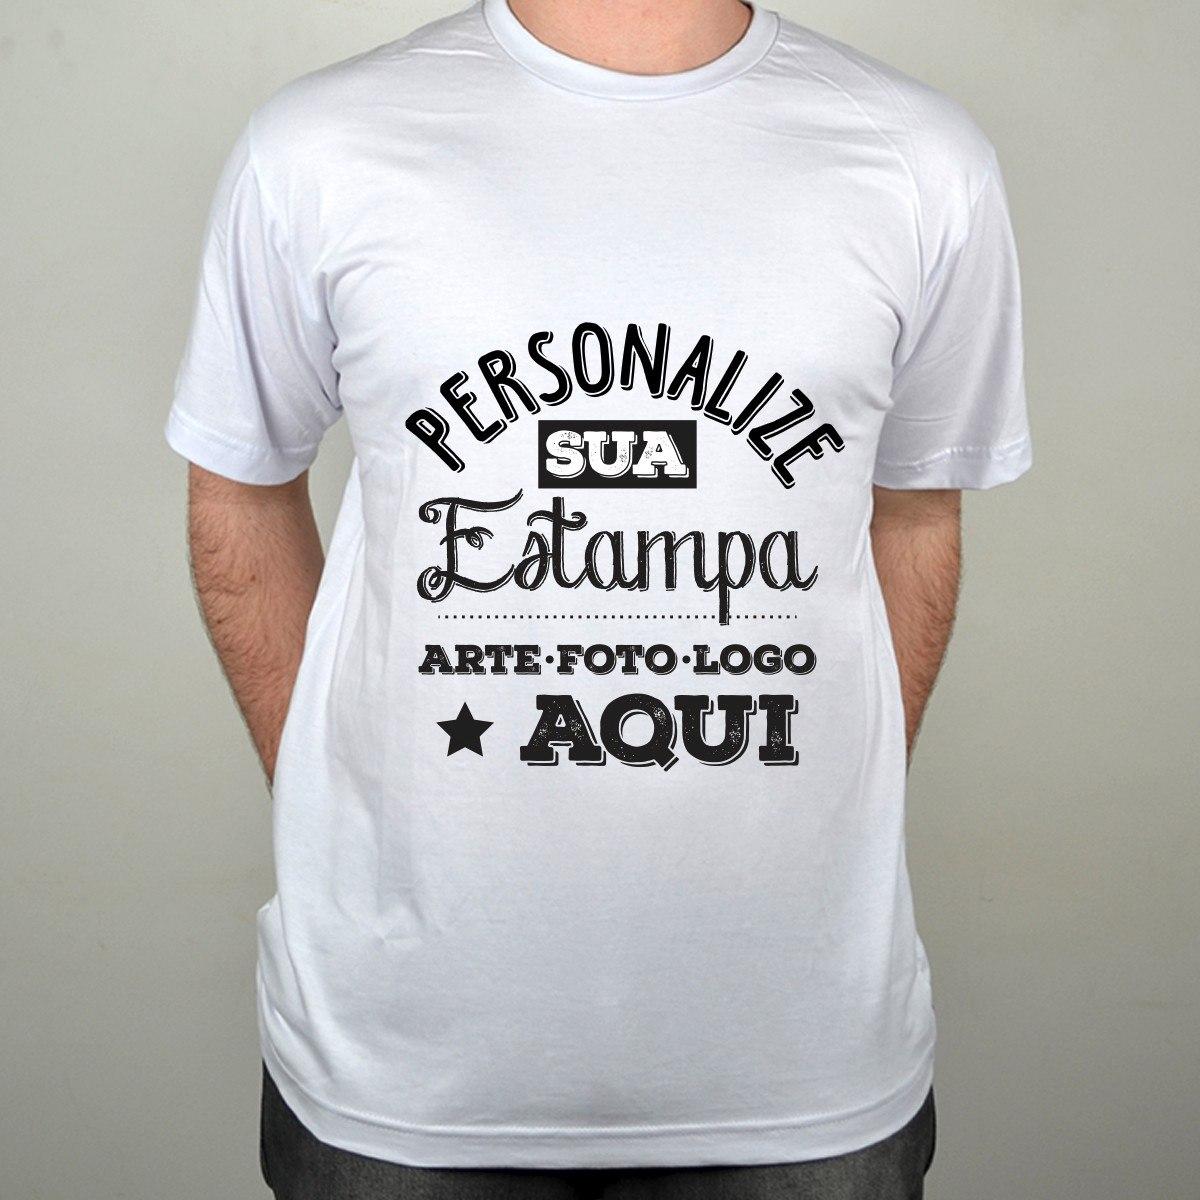 a72a9c084 camiseta personalizada 100% algodão impressão dtg. Carregando zoom.